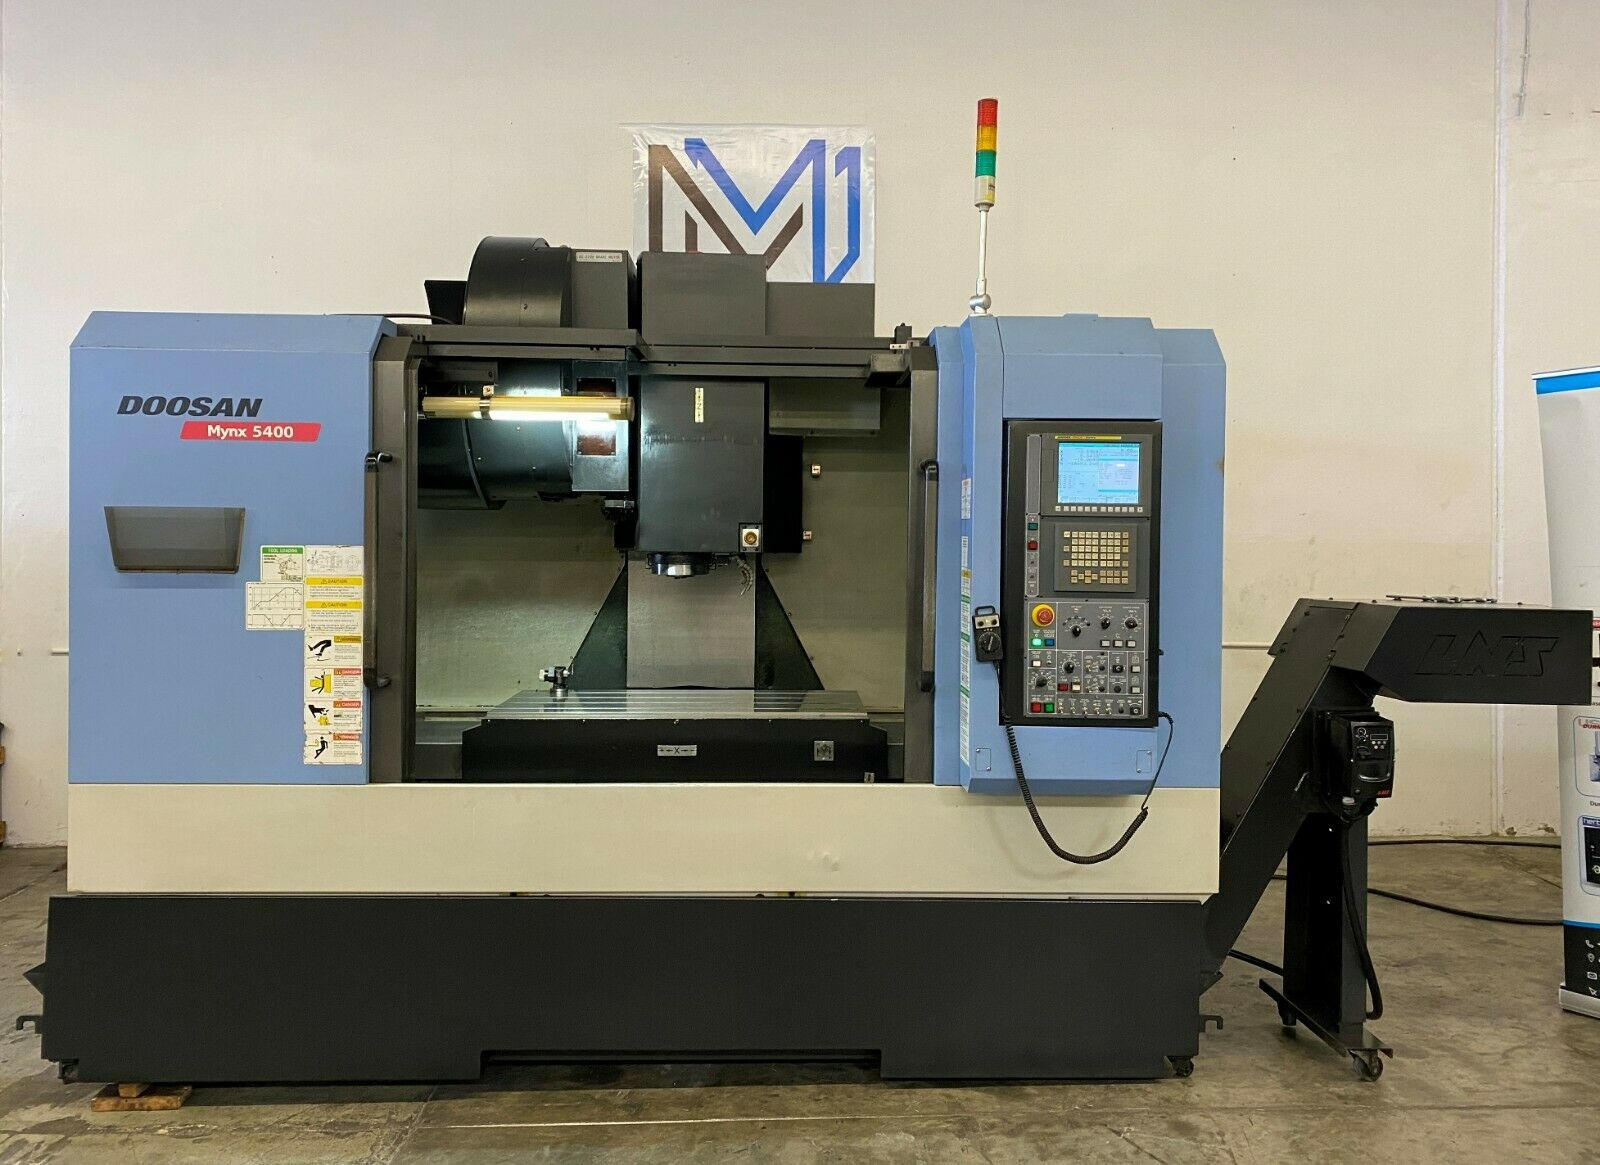 DOOSAN MYNX 5400 VERTICAL MACHINING CENTER CNC MILL 4020 TSC 4H AXIS – 2012 (1)